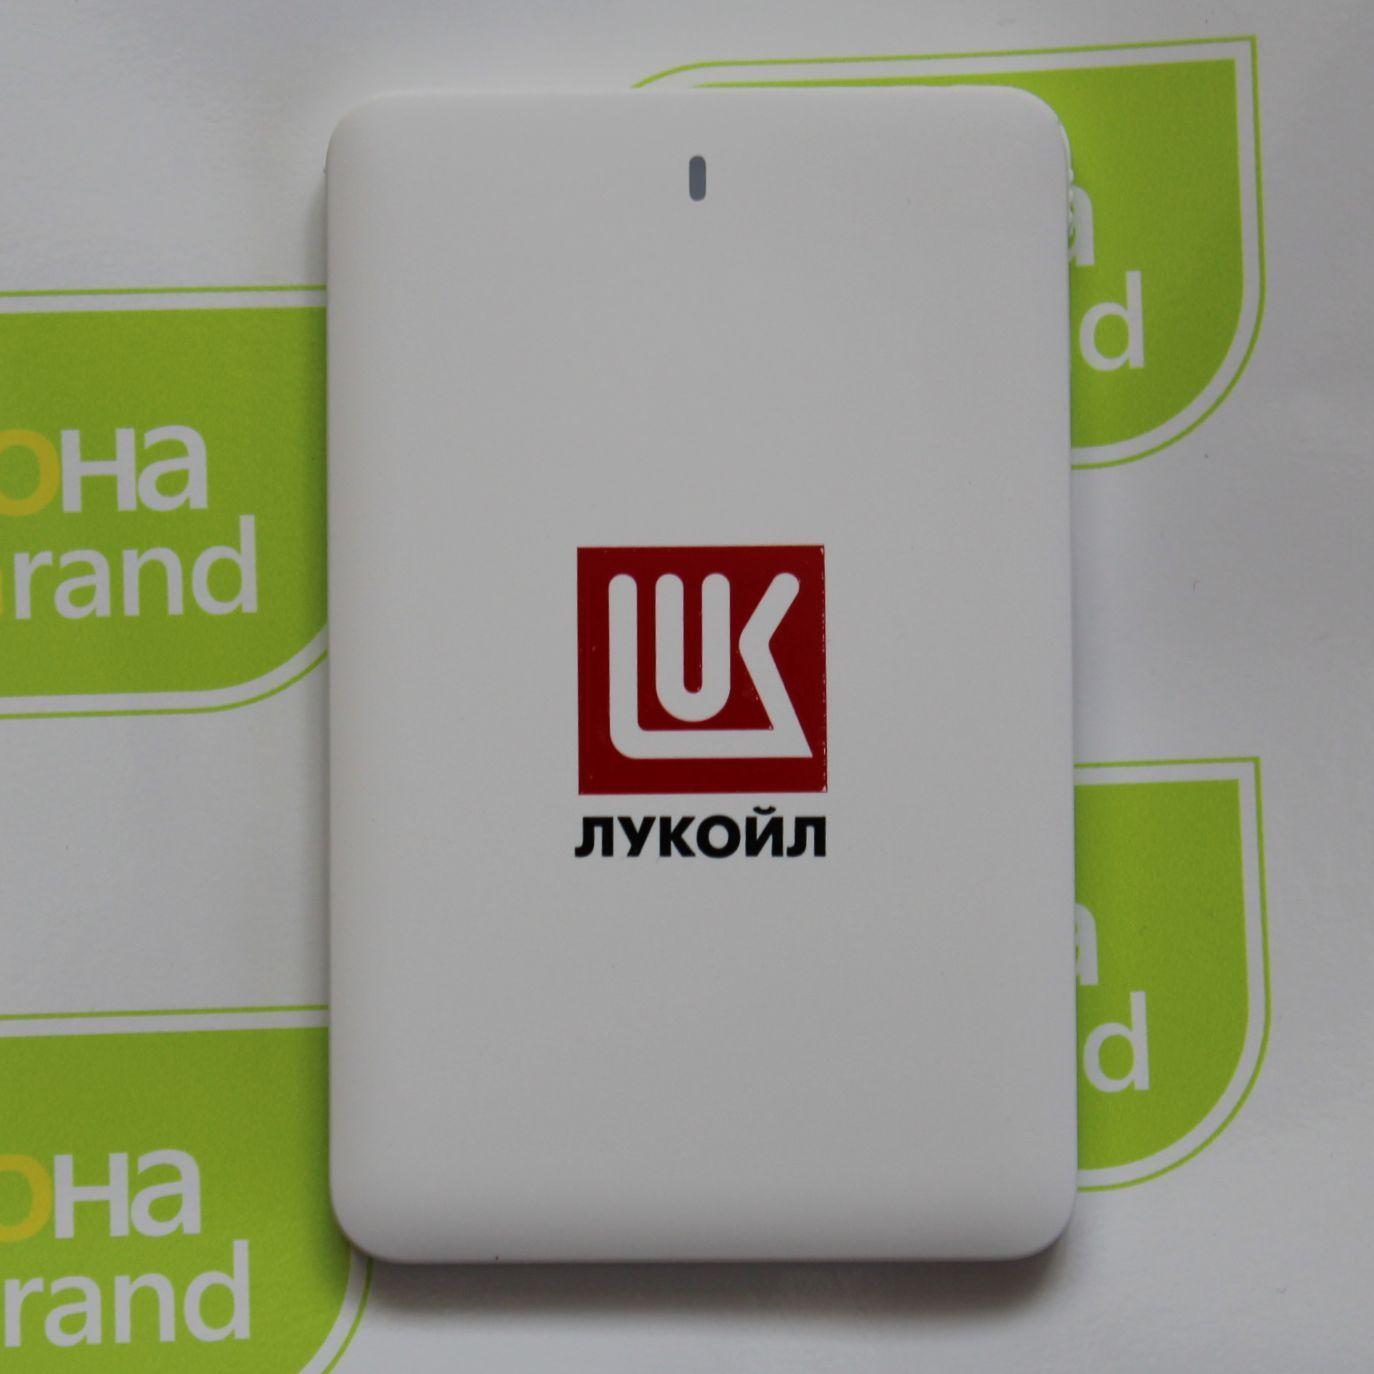 Внешние аккумуляторы с логотипом Лукойл